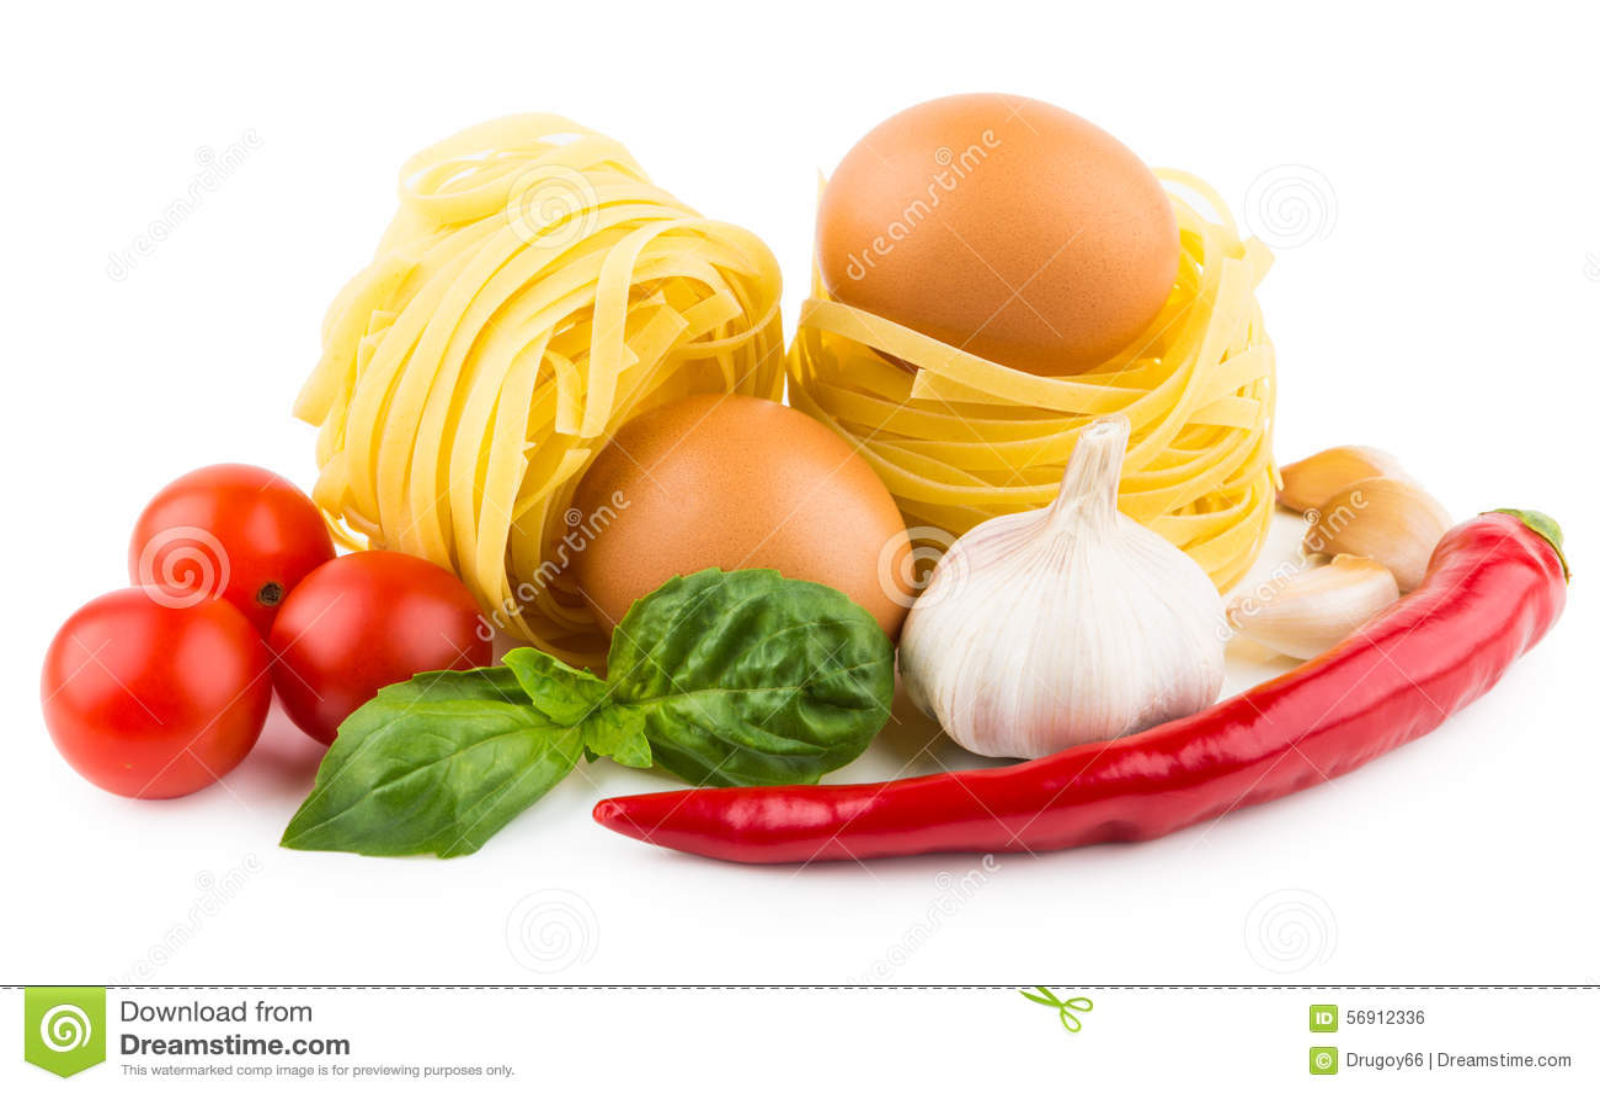 Ζυμαρικά tagliatelle, ντομάτες, σκόρδο, πιπέρι τσίλι και βασιλικός leav